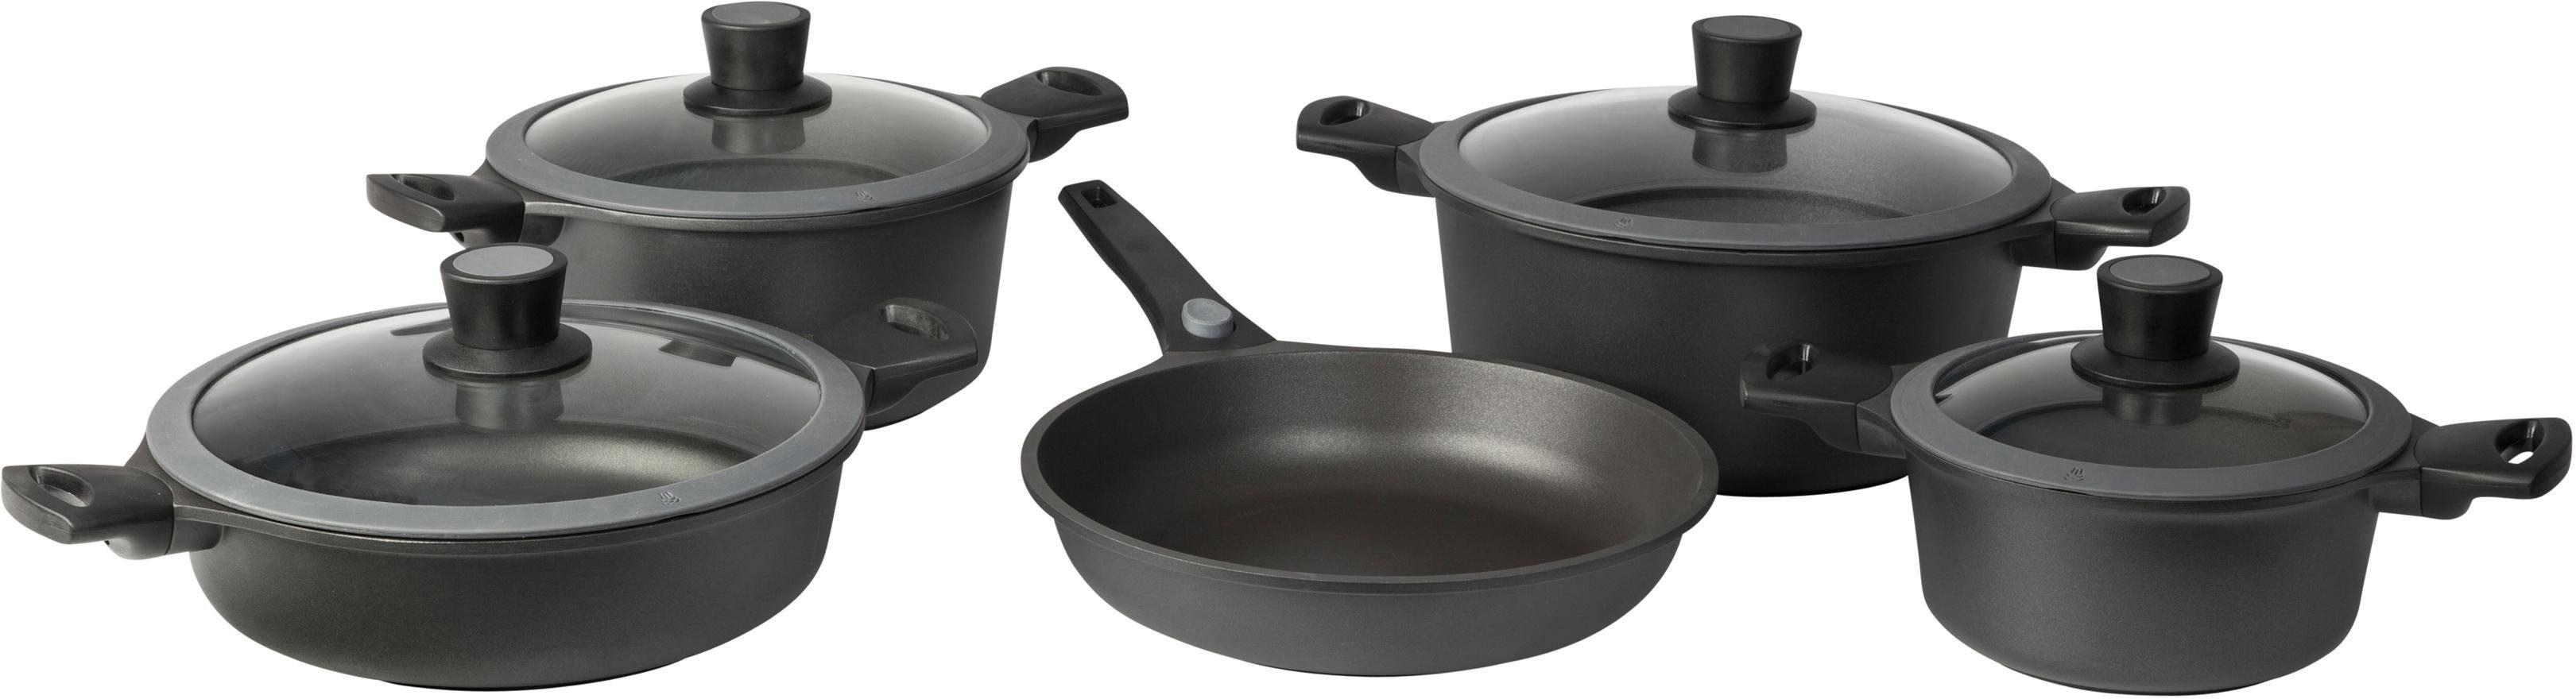 SKK Topf-Set Serie 6, Aluminiumguss, (Set, 9 tlg.), abnehmbarer Griff schwarz Topfsets Töpfe Haushaltswaren Topf